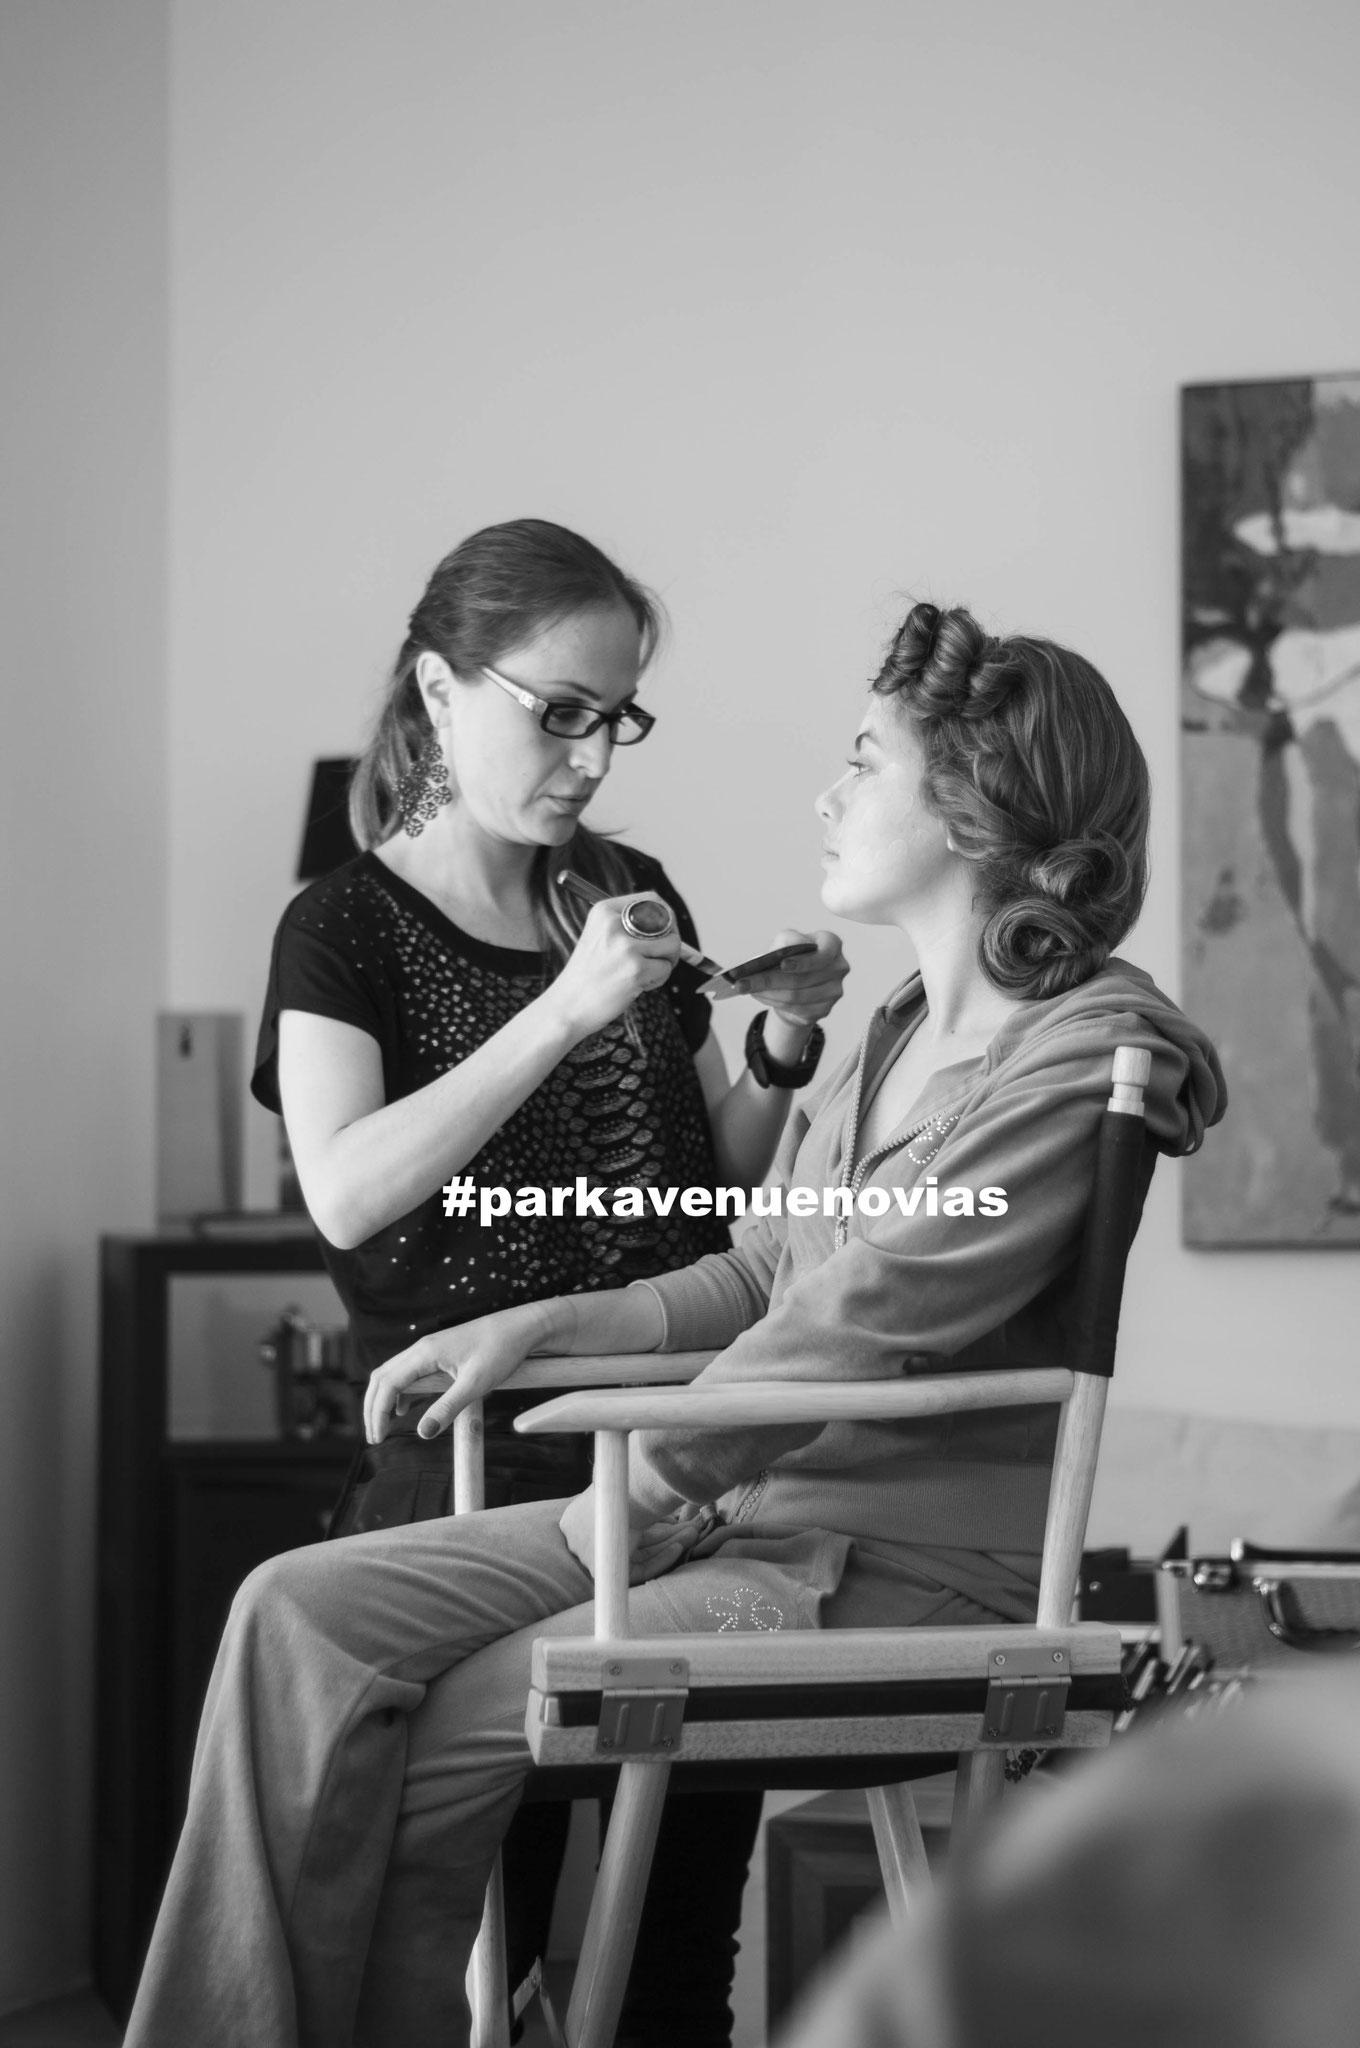 Proceso de Maquillaje con Aerógrafo Video en You Tube